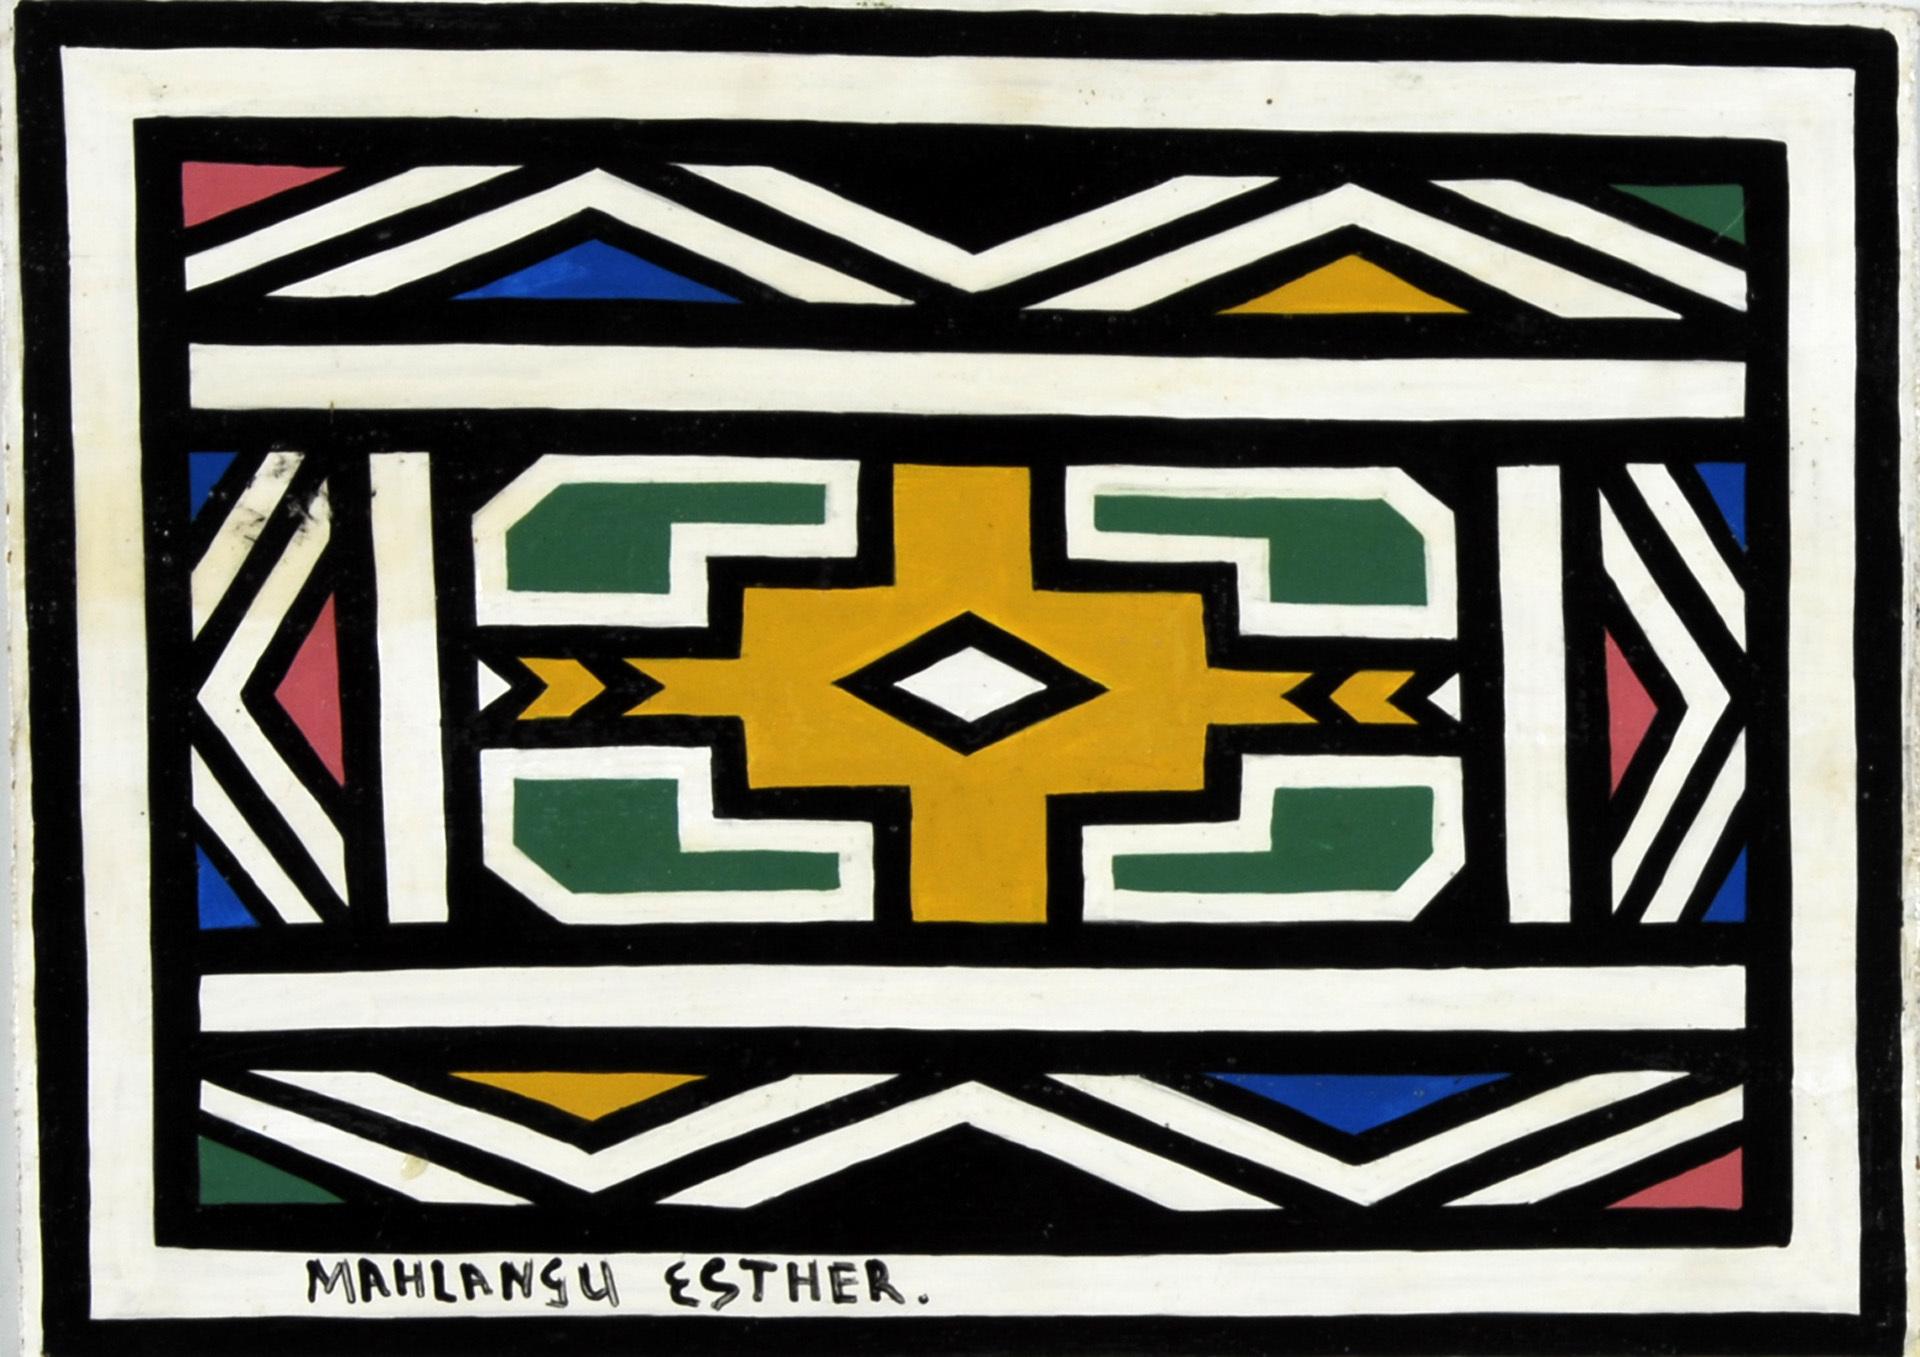 Mahlangu Esther, Untitled